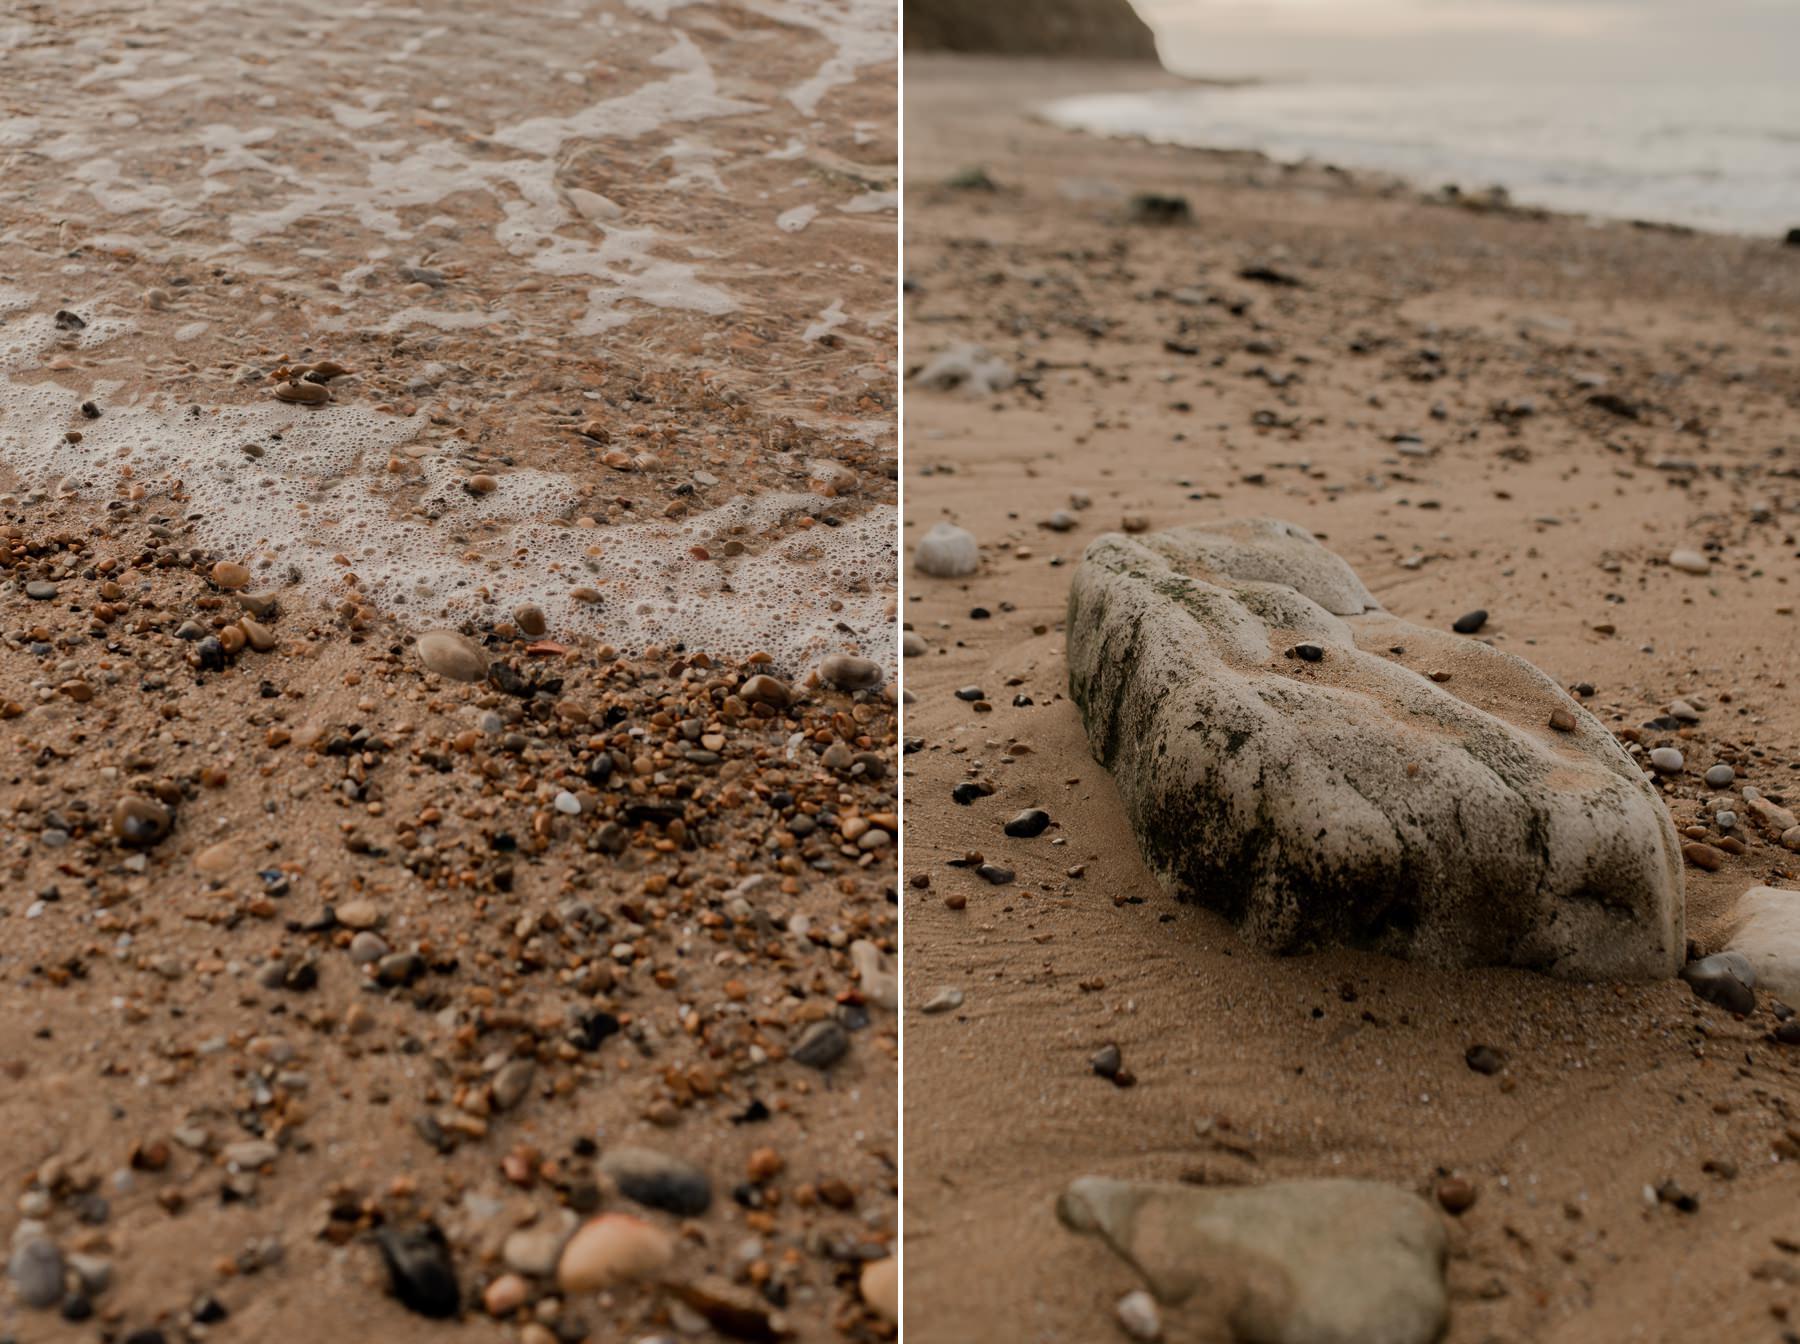 plage de galets mer normandie commes